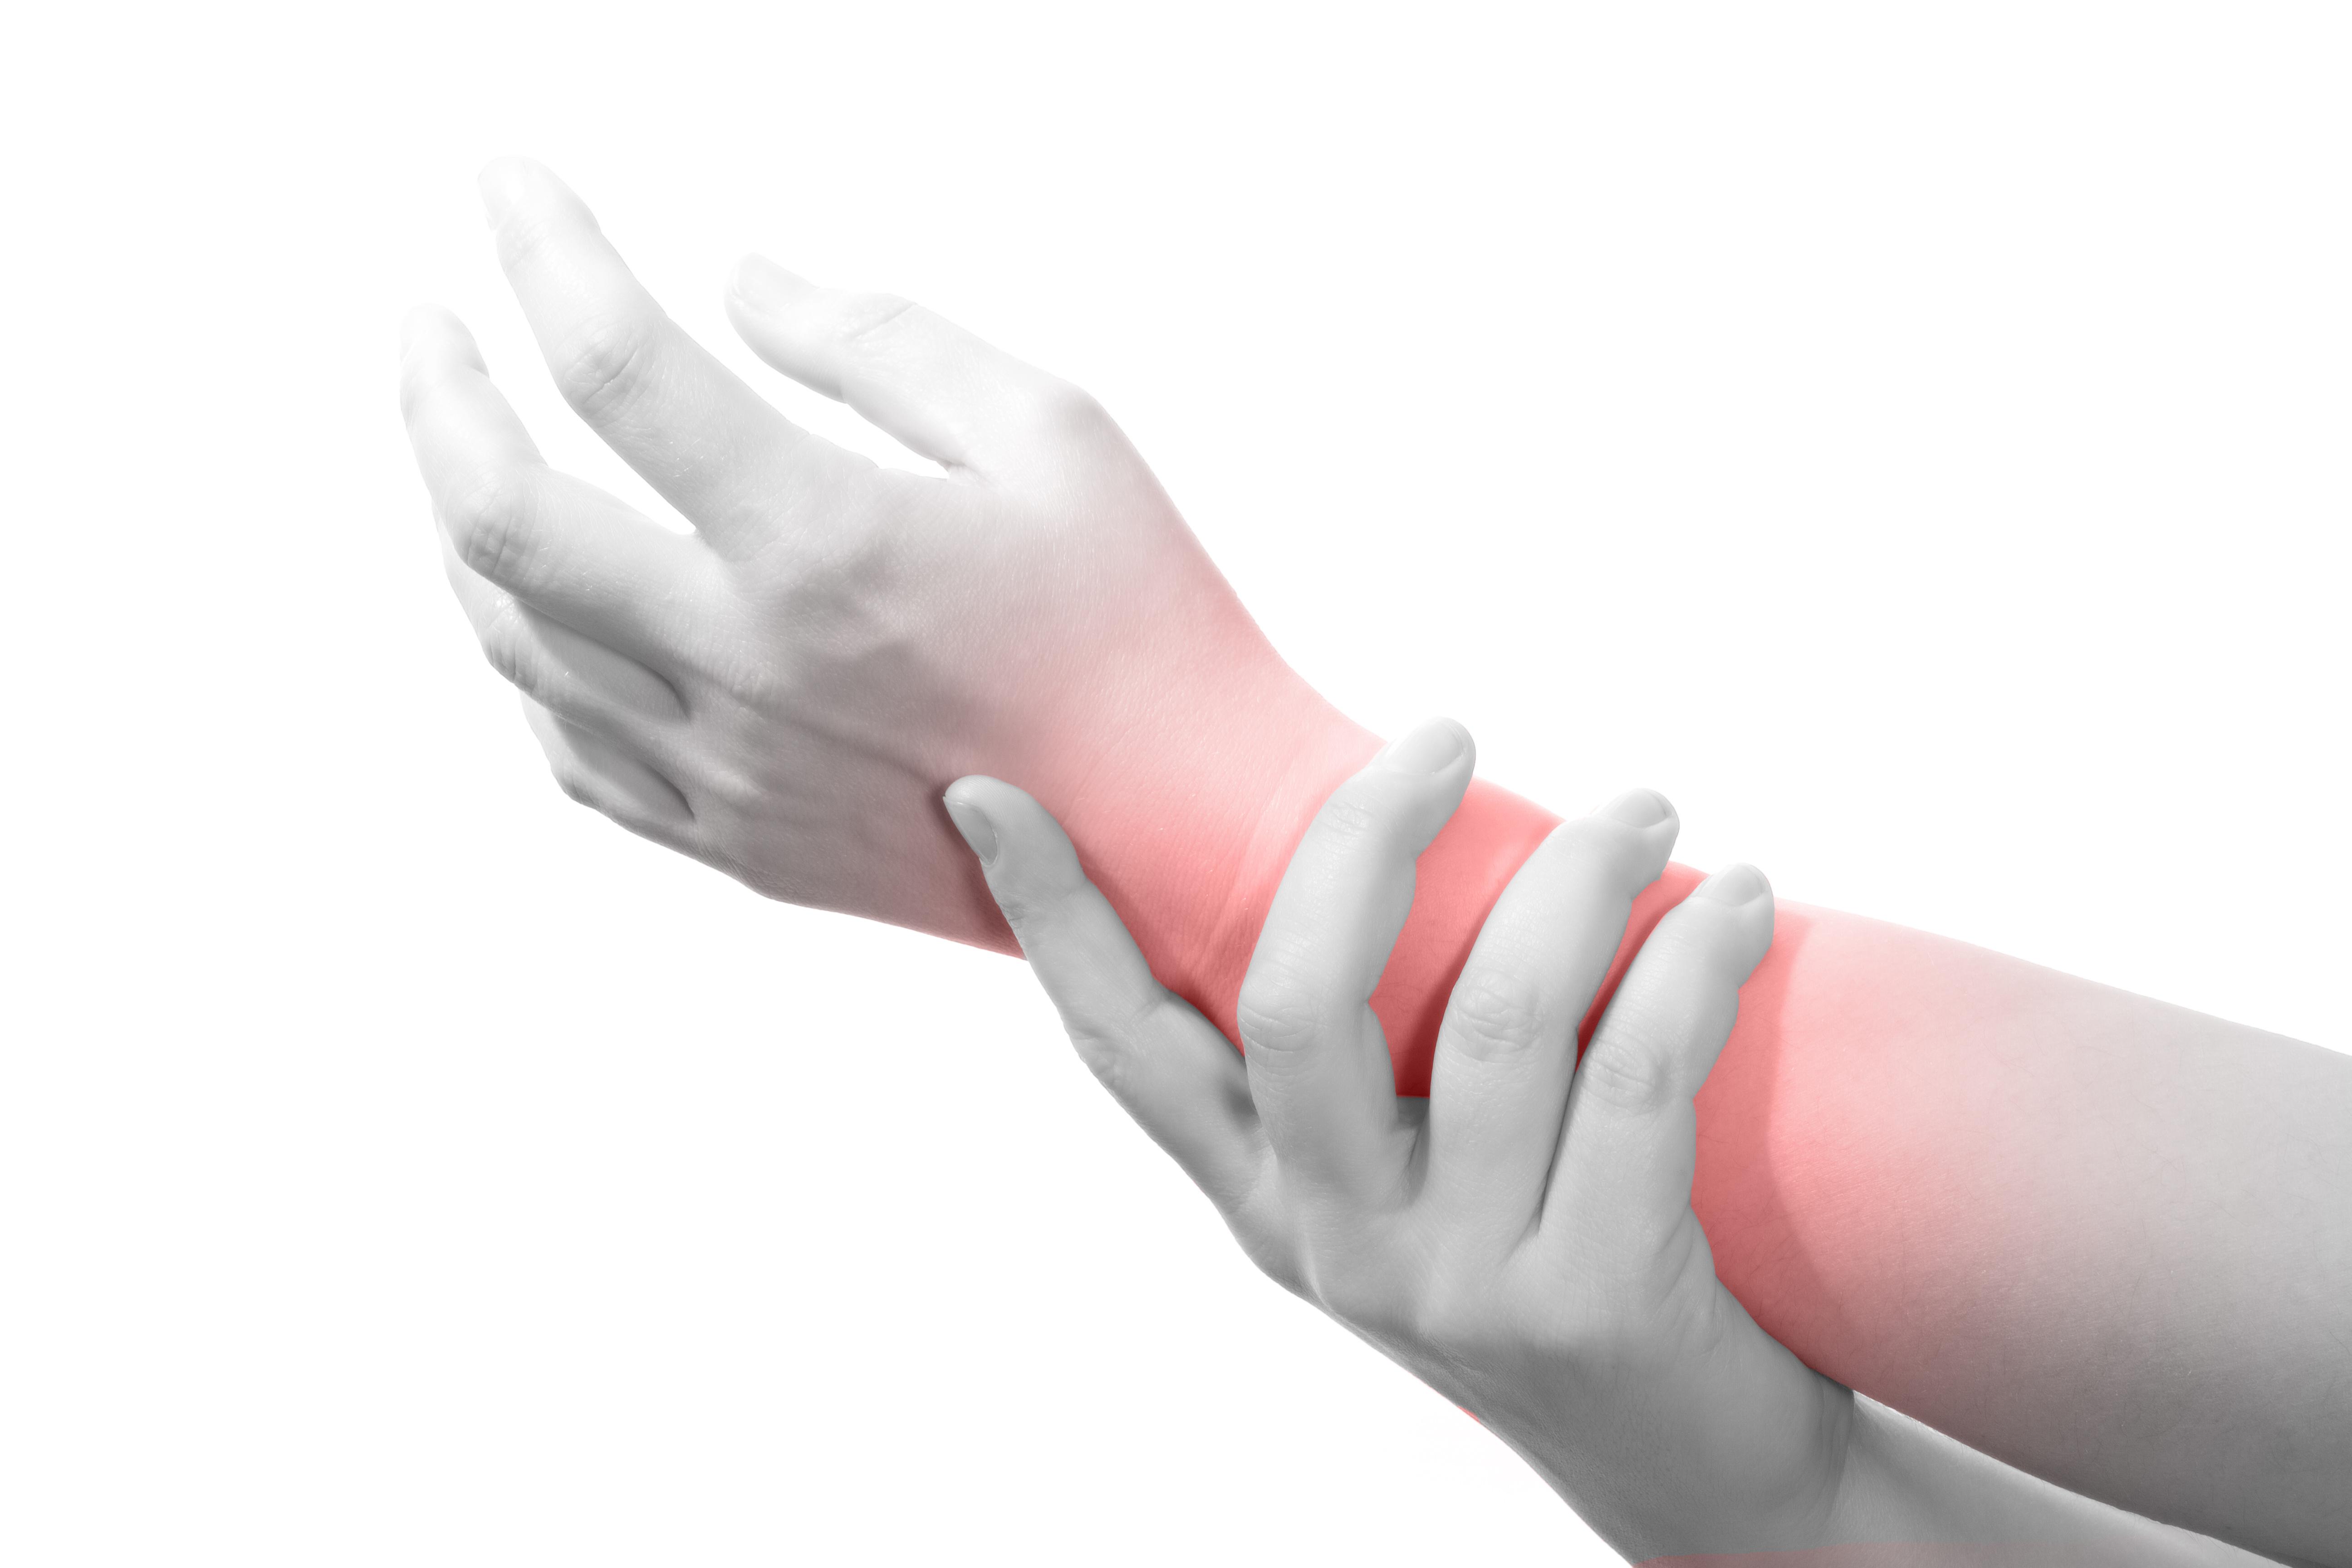 治す 早く 肋骨 ひび 骨にひびが入った時の症状や完治期間を説明!治療方法は放置で良い!? |